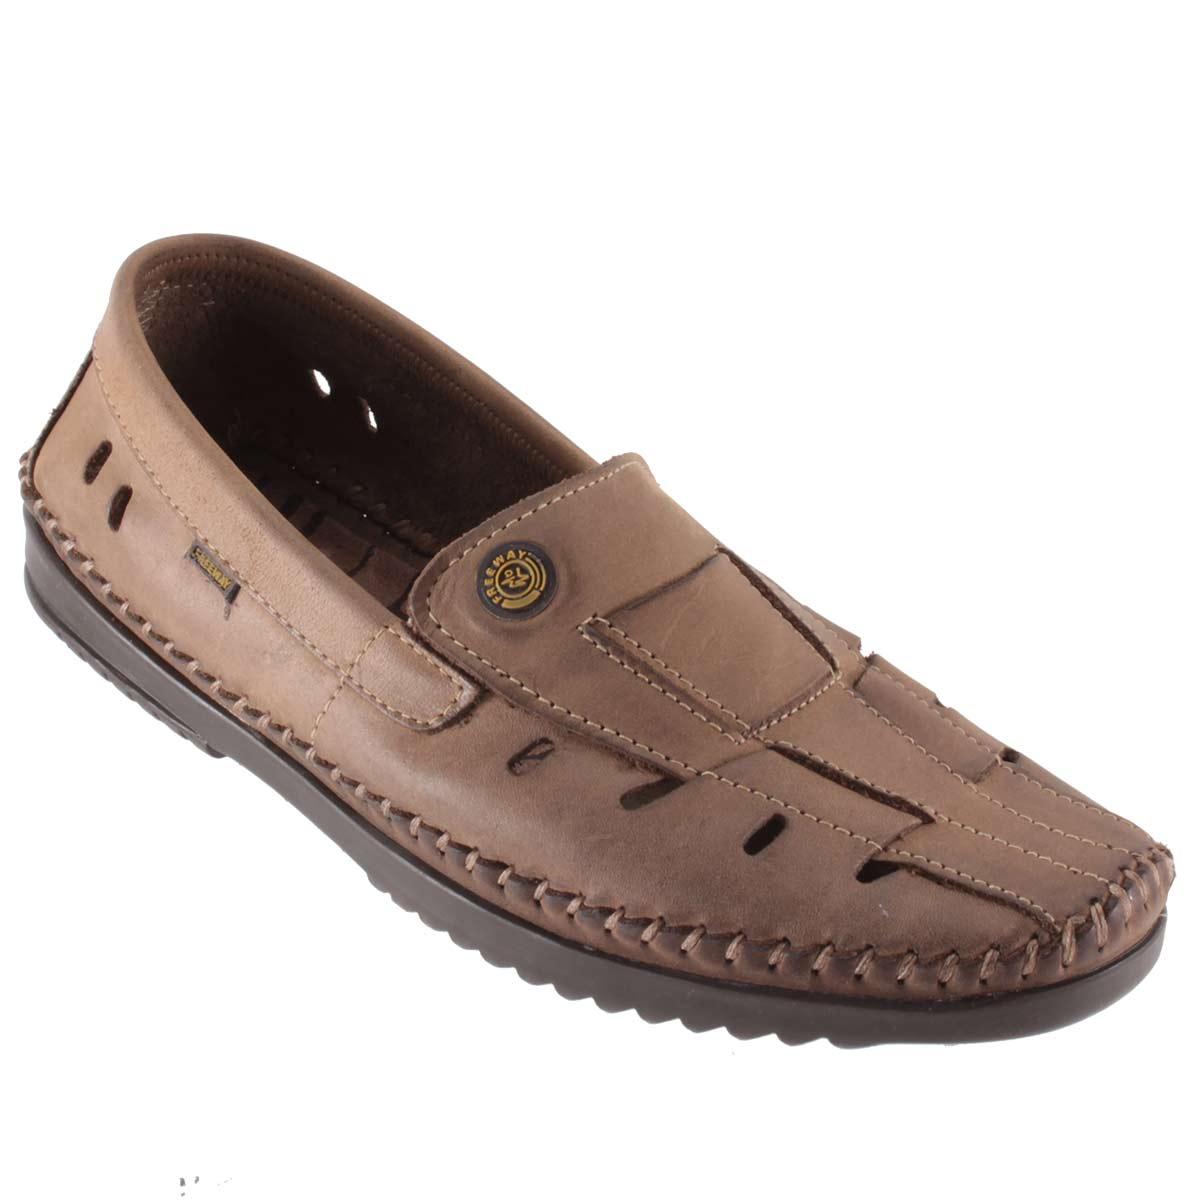 Sapato Mocassim Freeway Masculino Sapatilha Couro Ventilado Logan-2  - Ian Calçados